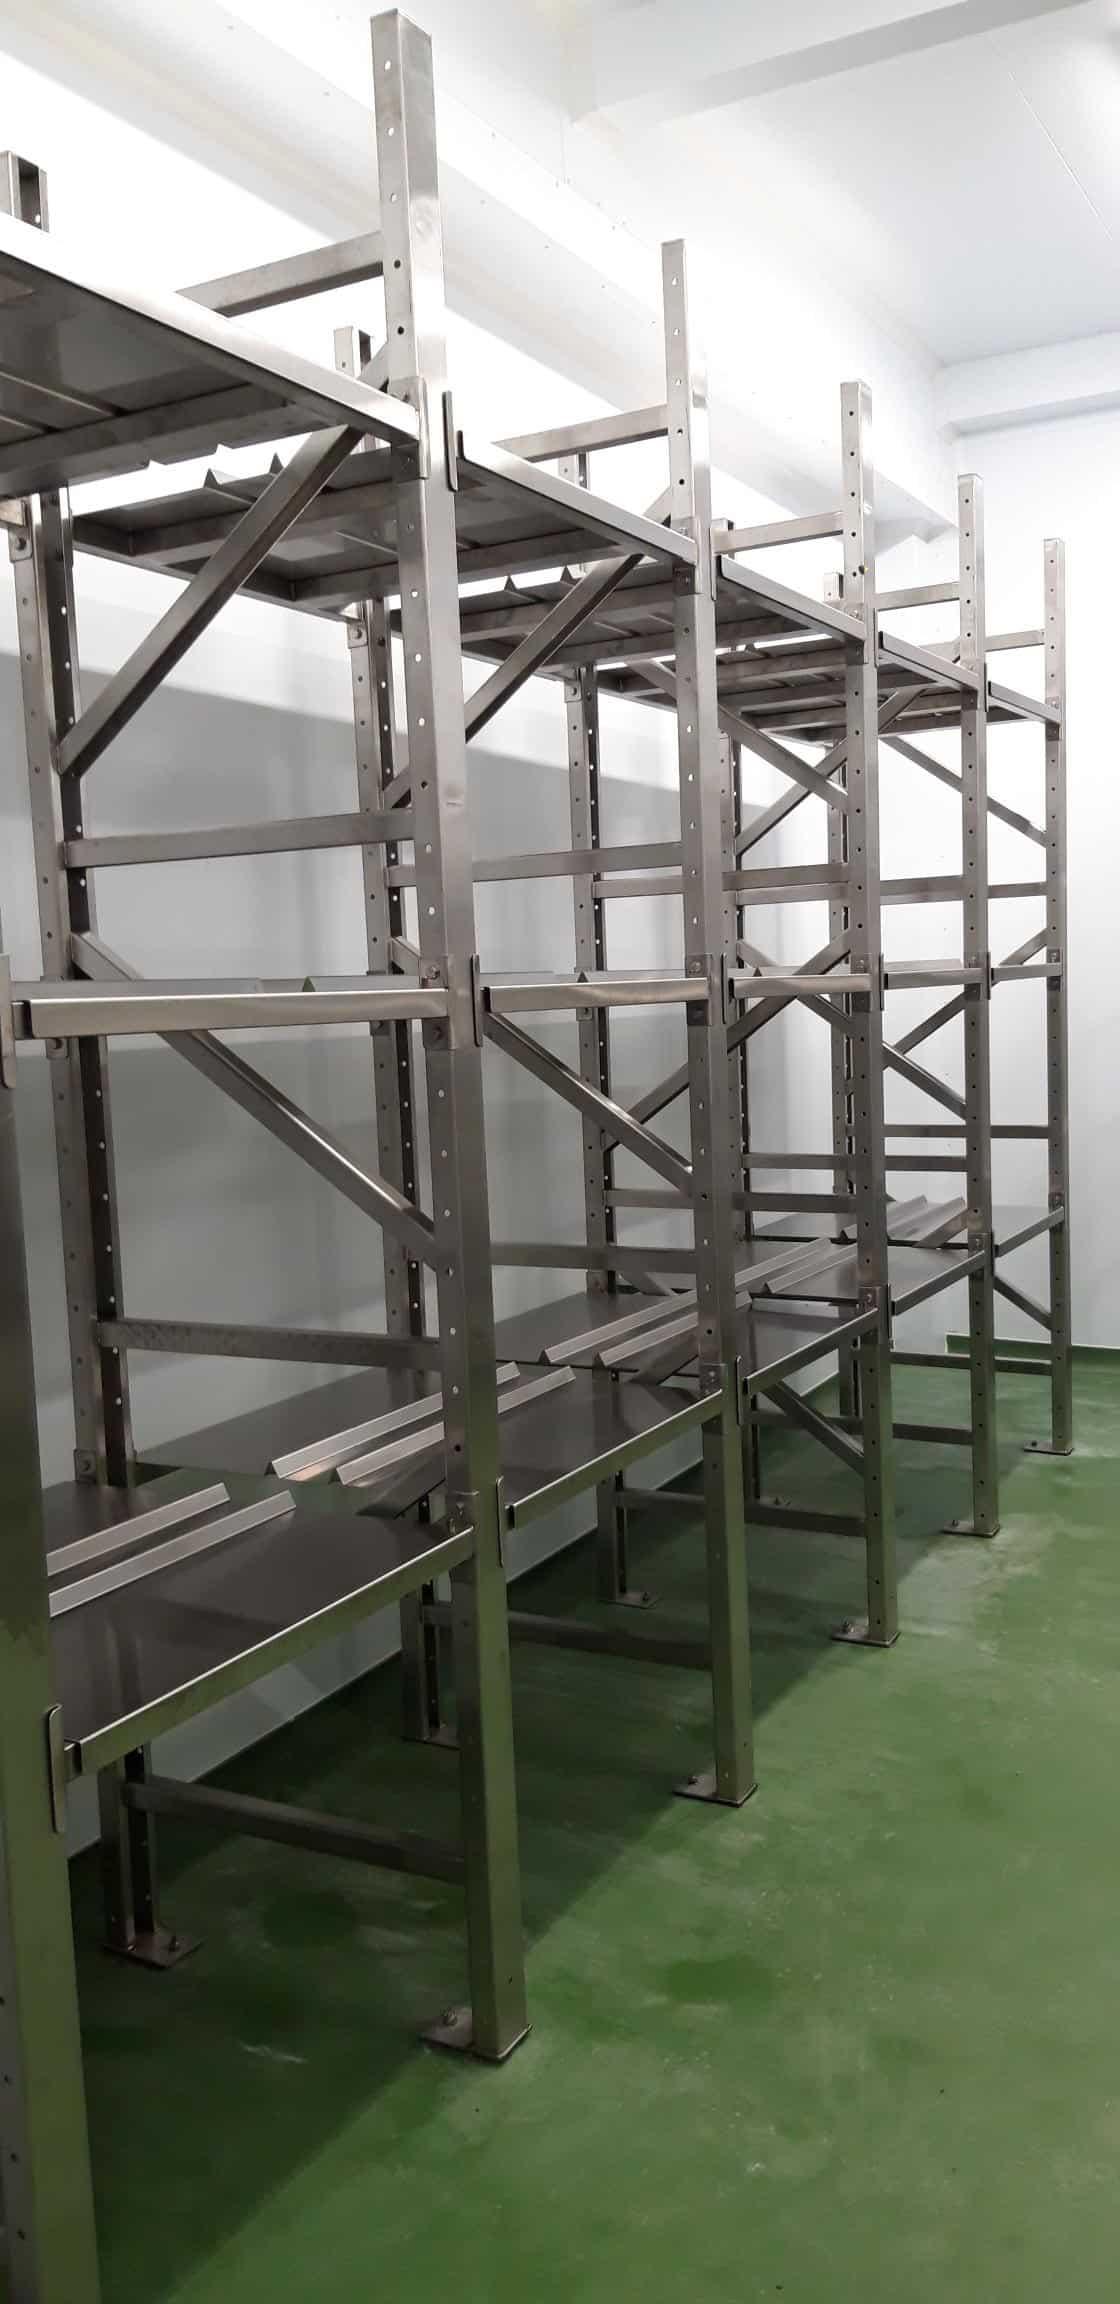 Tote Bin Storage